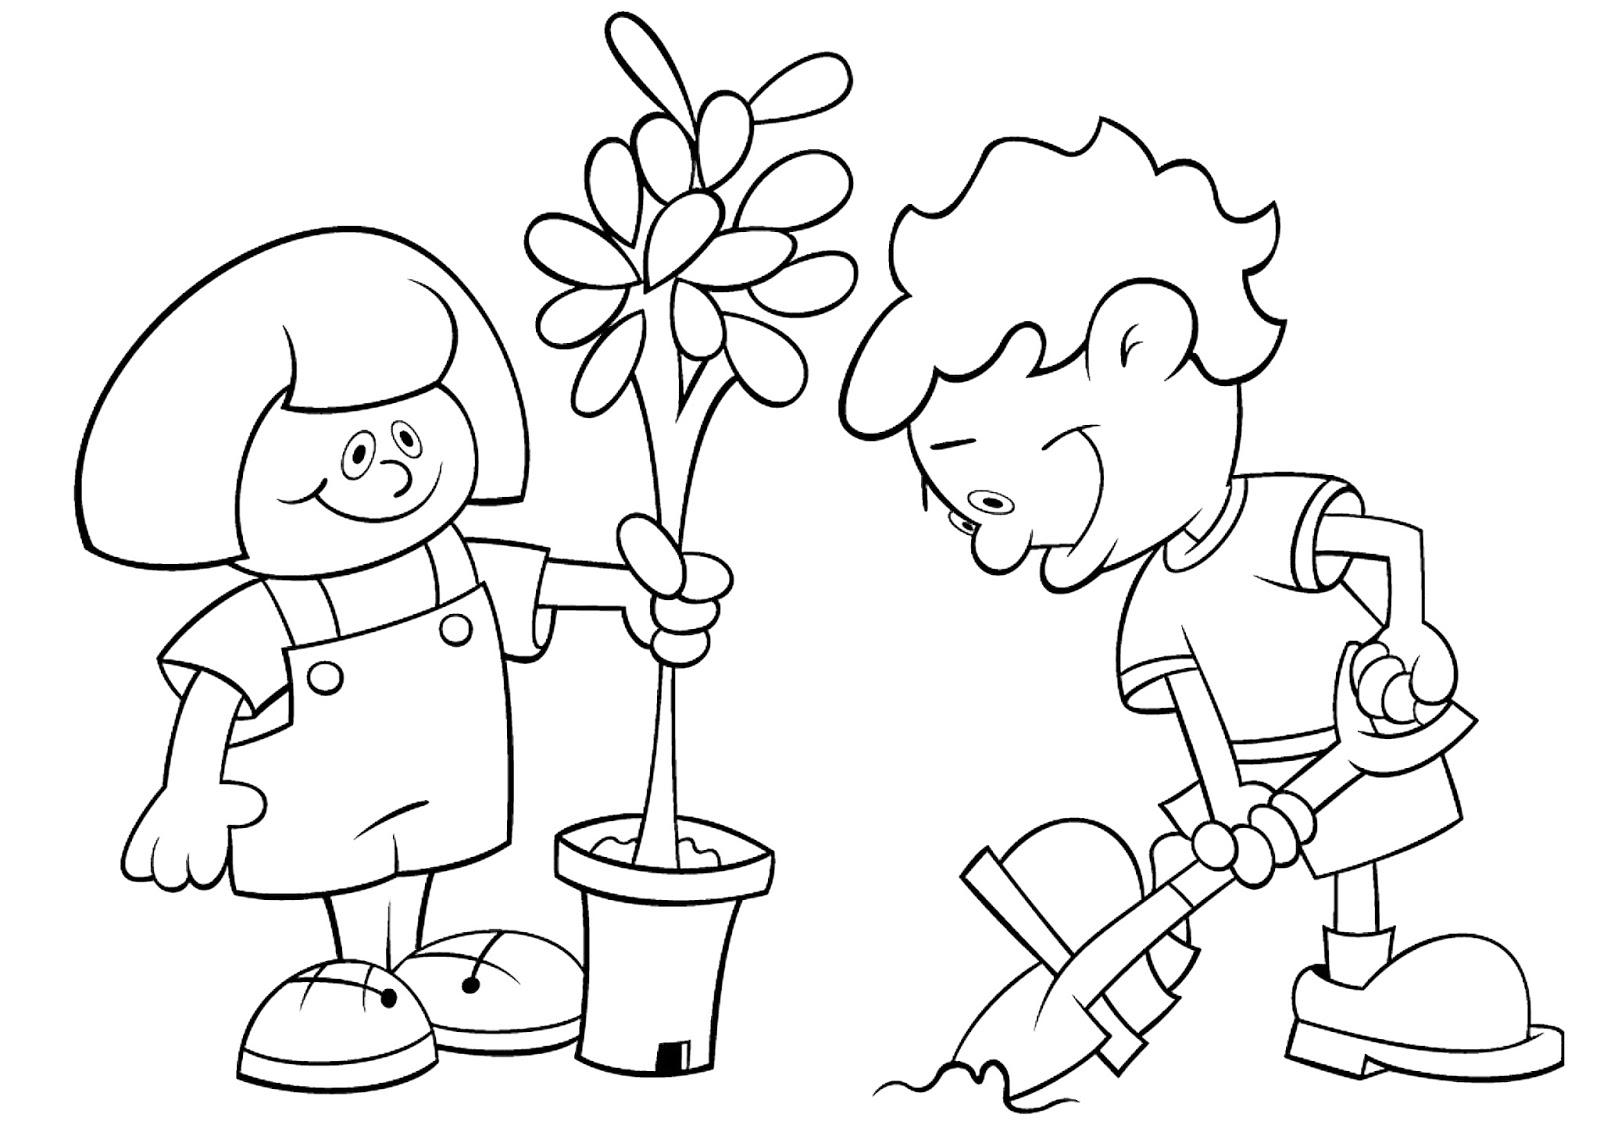 Atividades imagens e desenhos sobre meio ambiente  - imagens para colorir sobre o meio ambiente